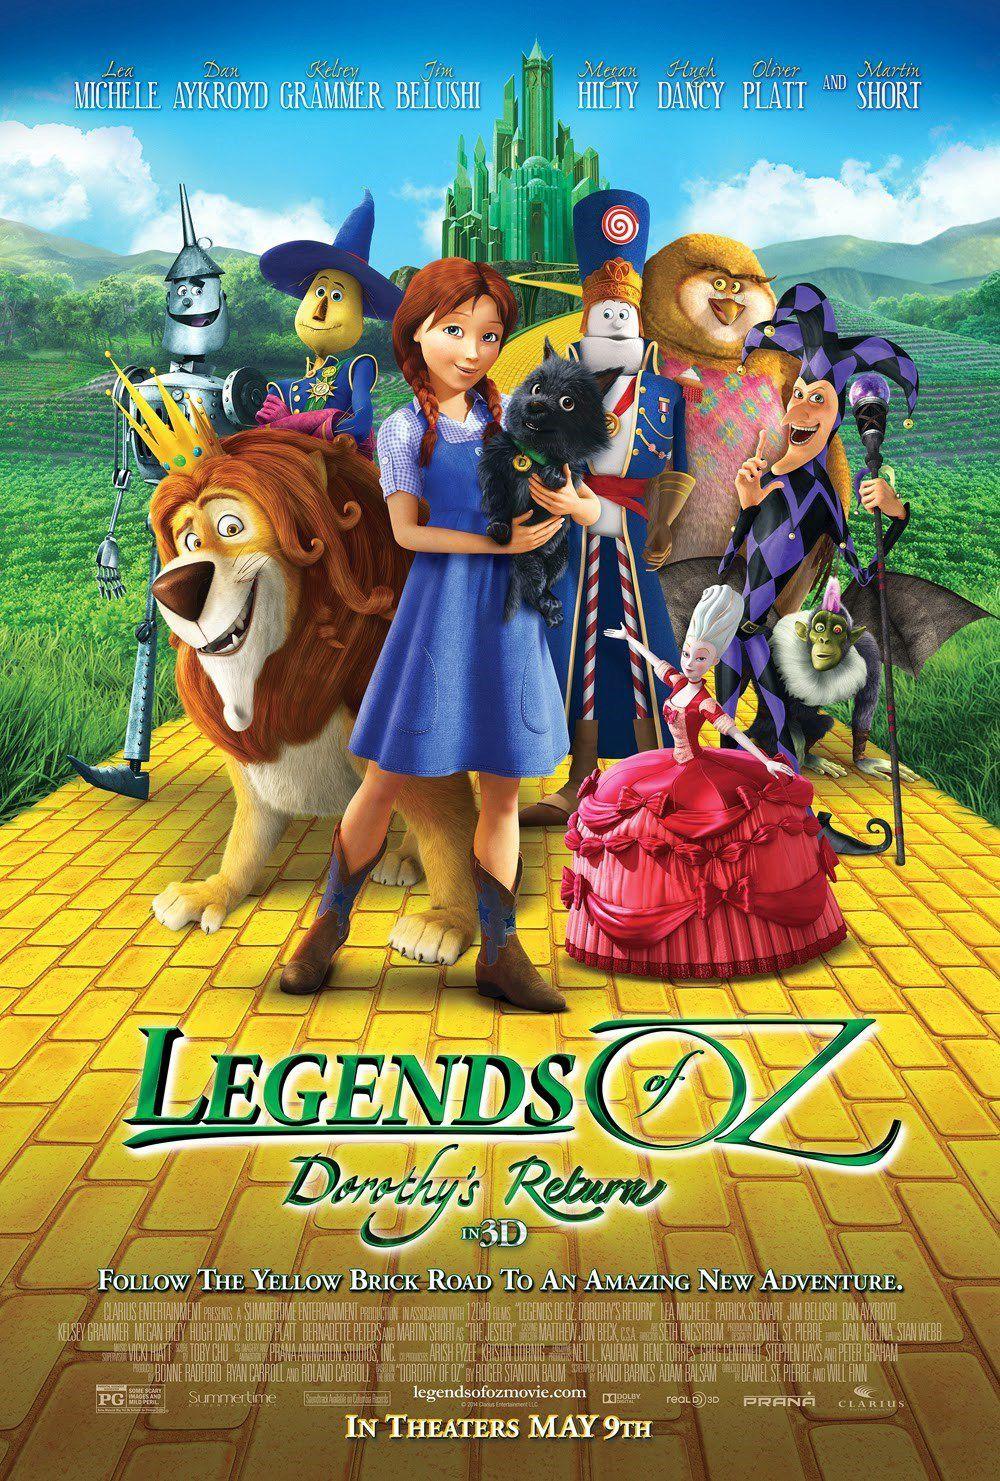 Huyền Thoại Xứ Oz – Sự Trở về của Dorothy